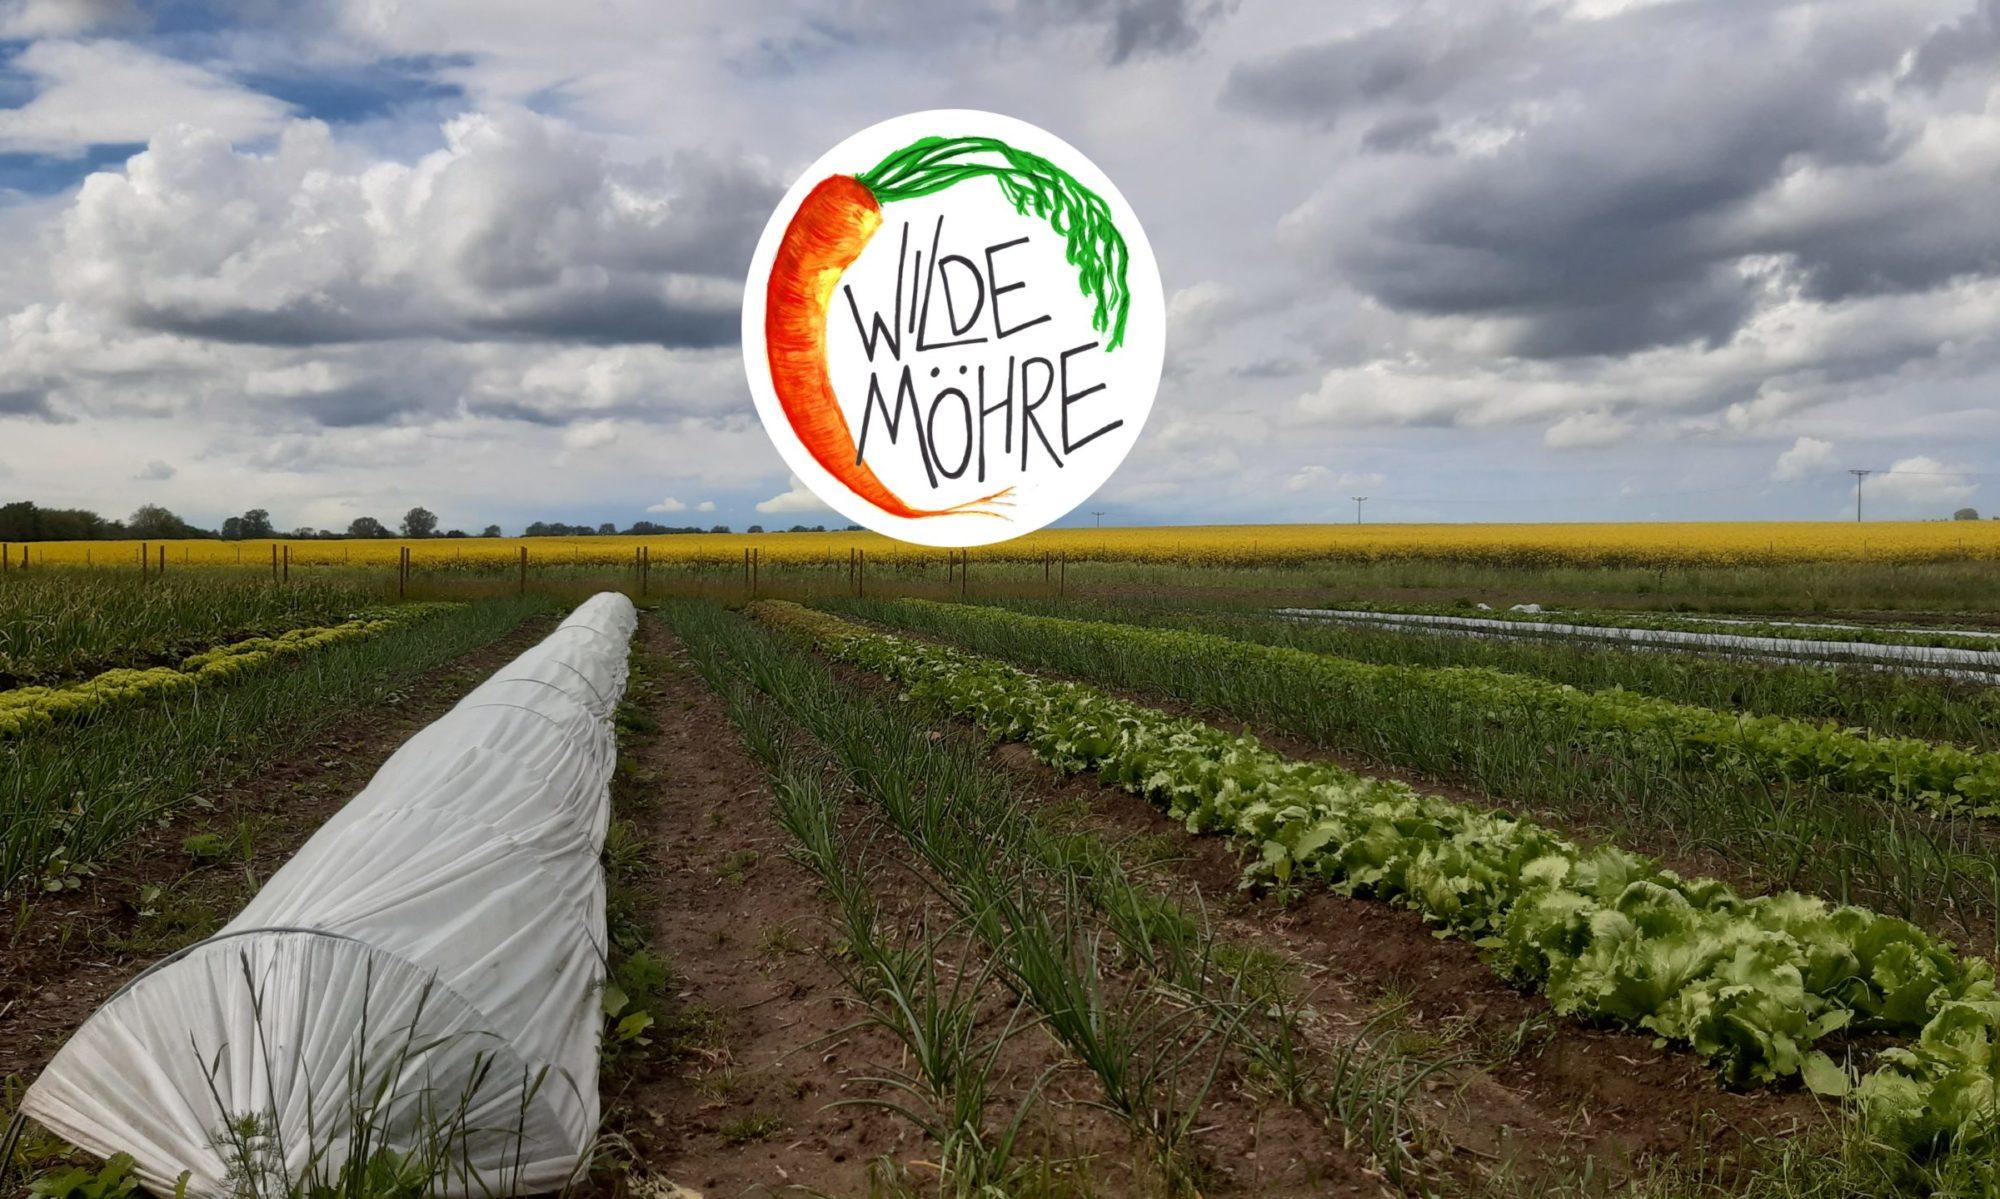 Solidarische Landwirtschaft WildeMöhre